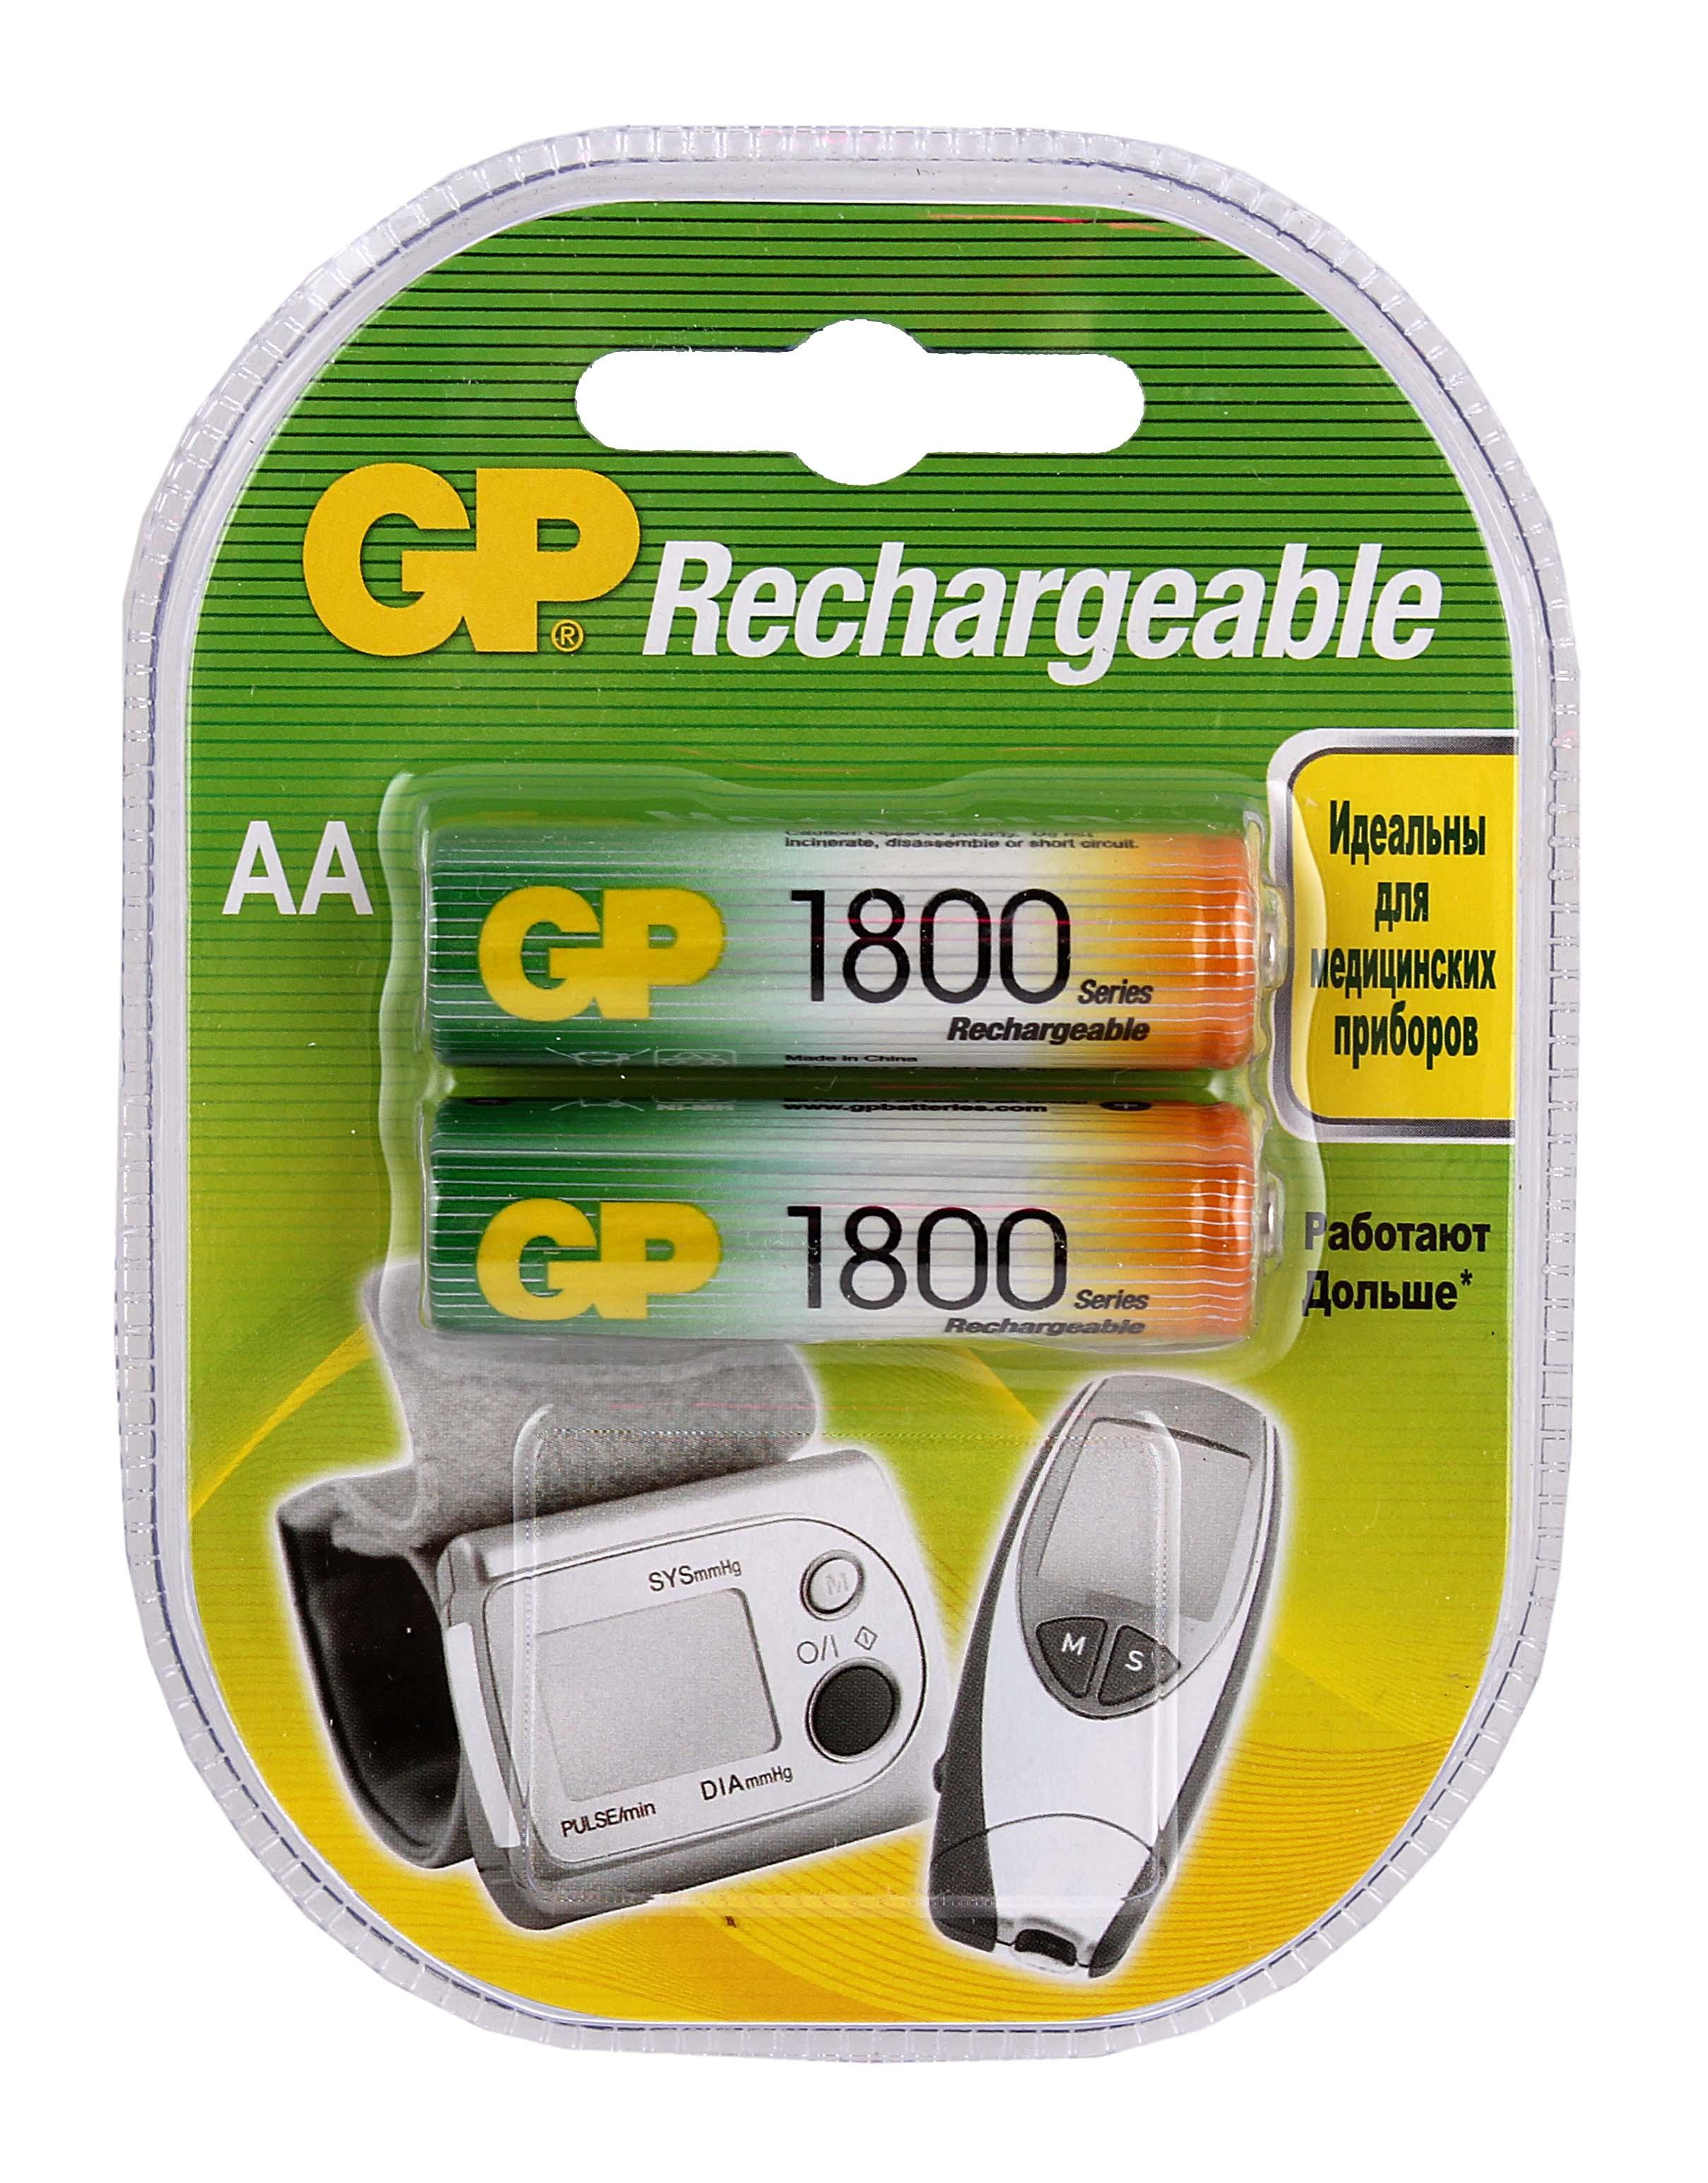 Аккумуляторы Gp Real Brand Technics 379.000